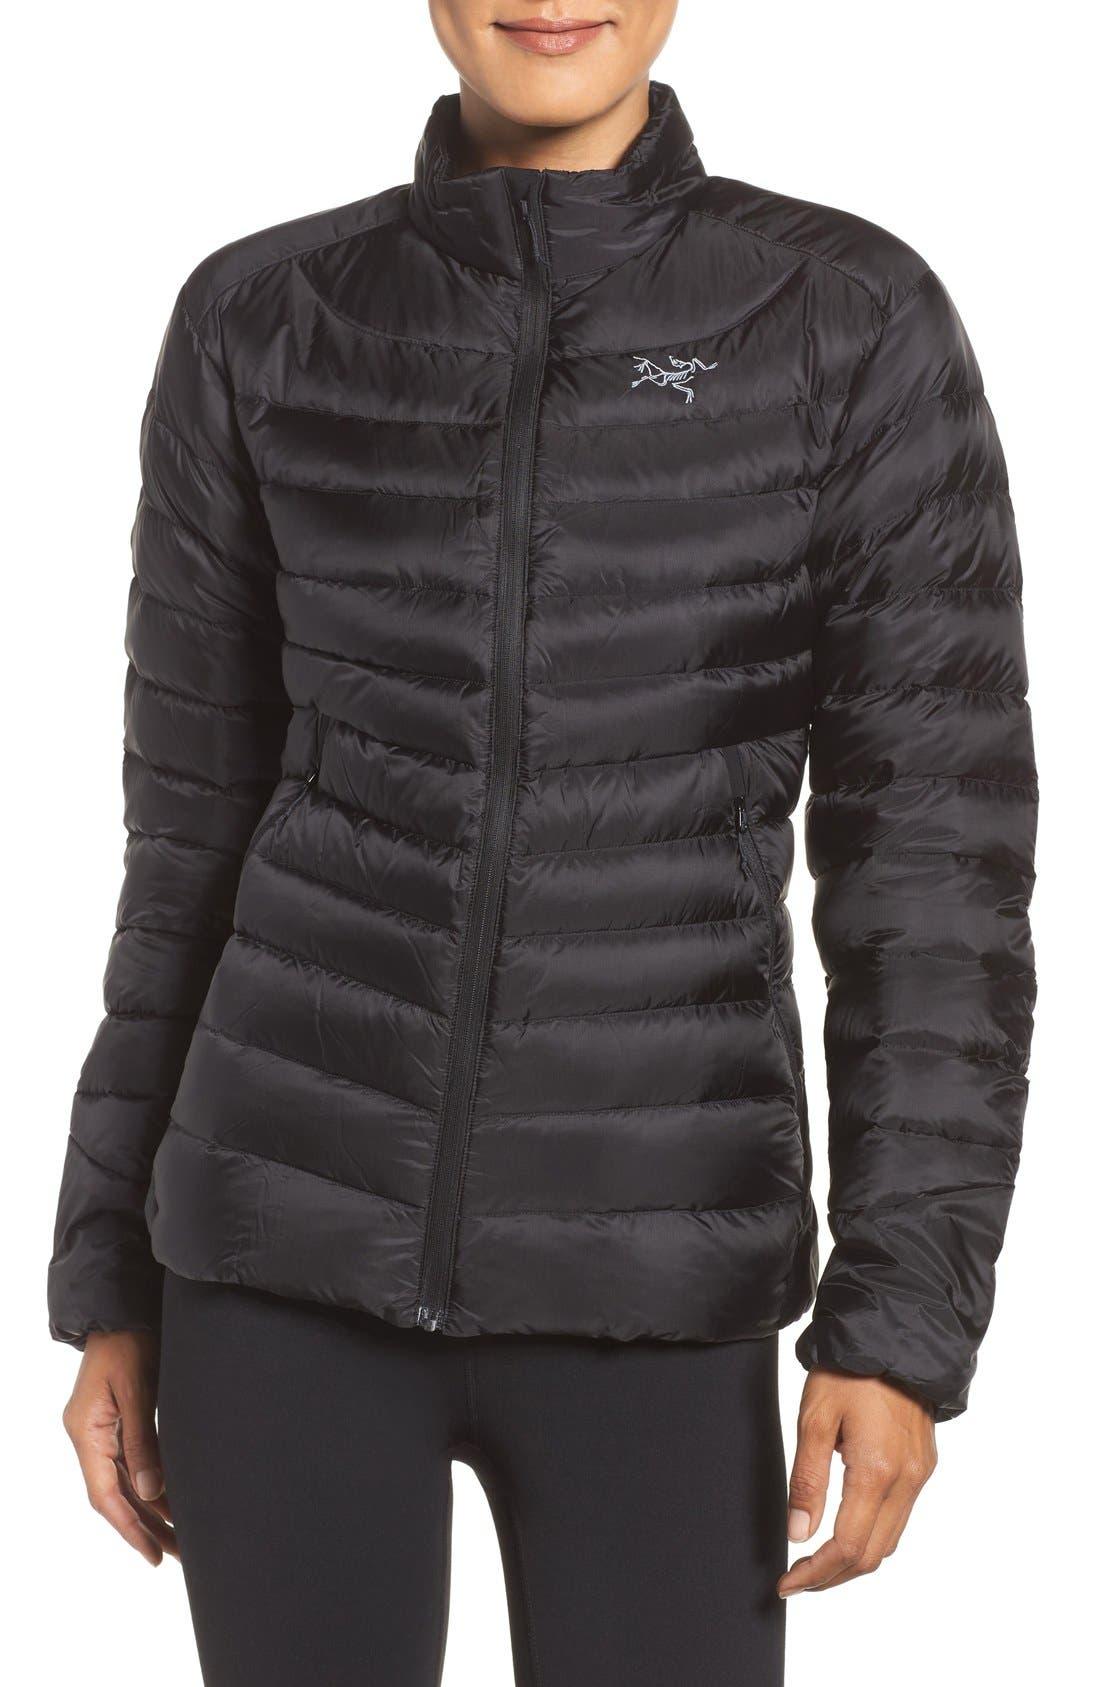 Cerium Water Resistant Down Jacket,                             Main thumbnail 1, color,                             Black